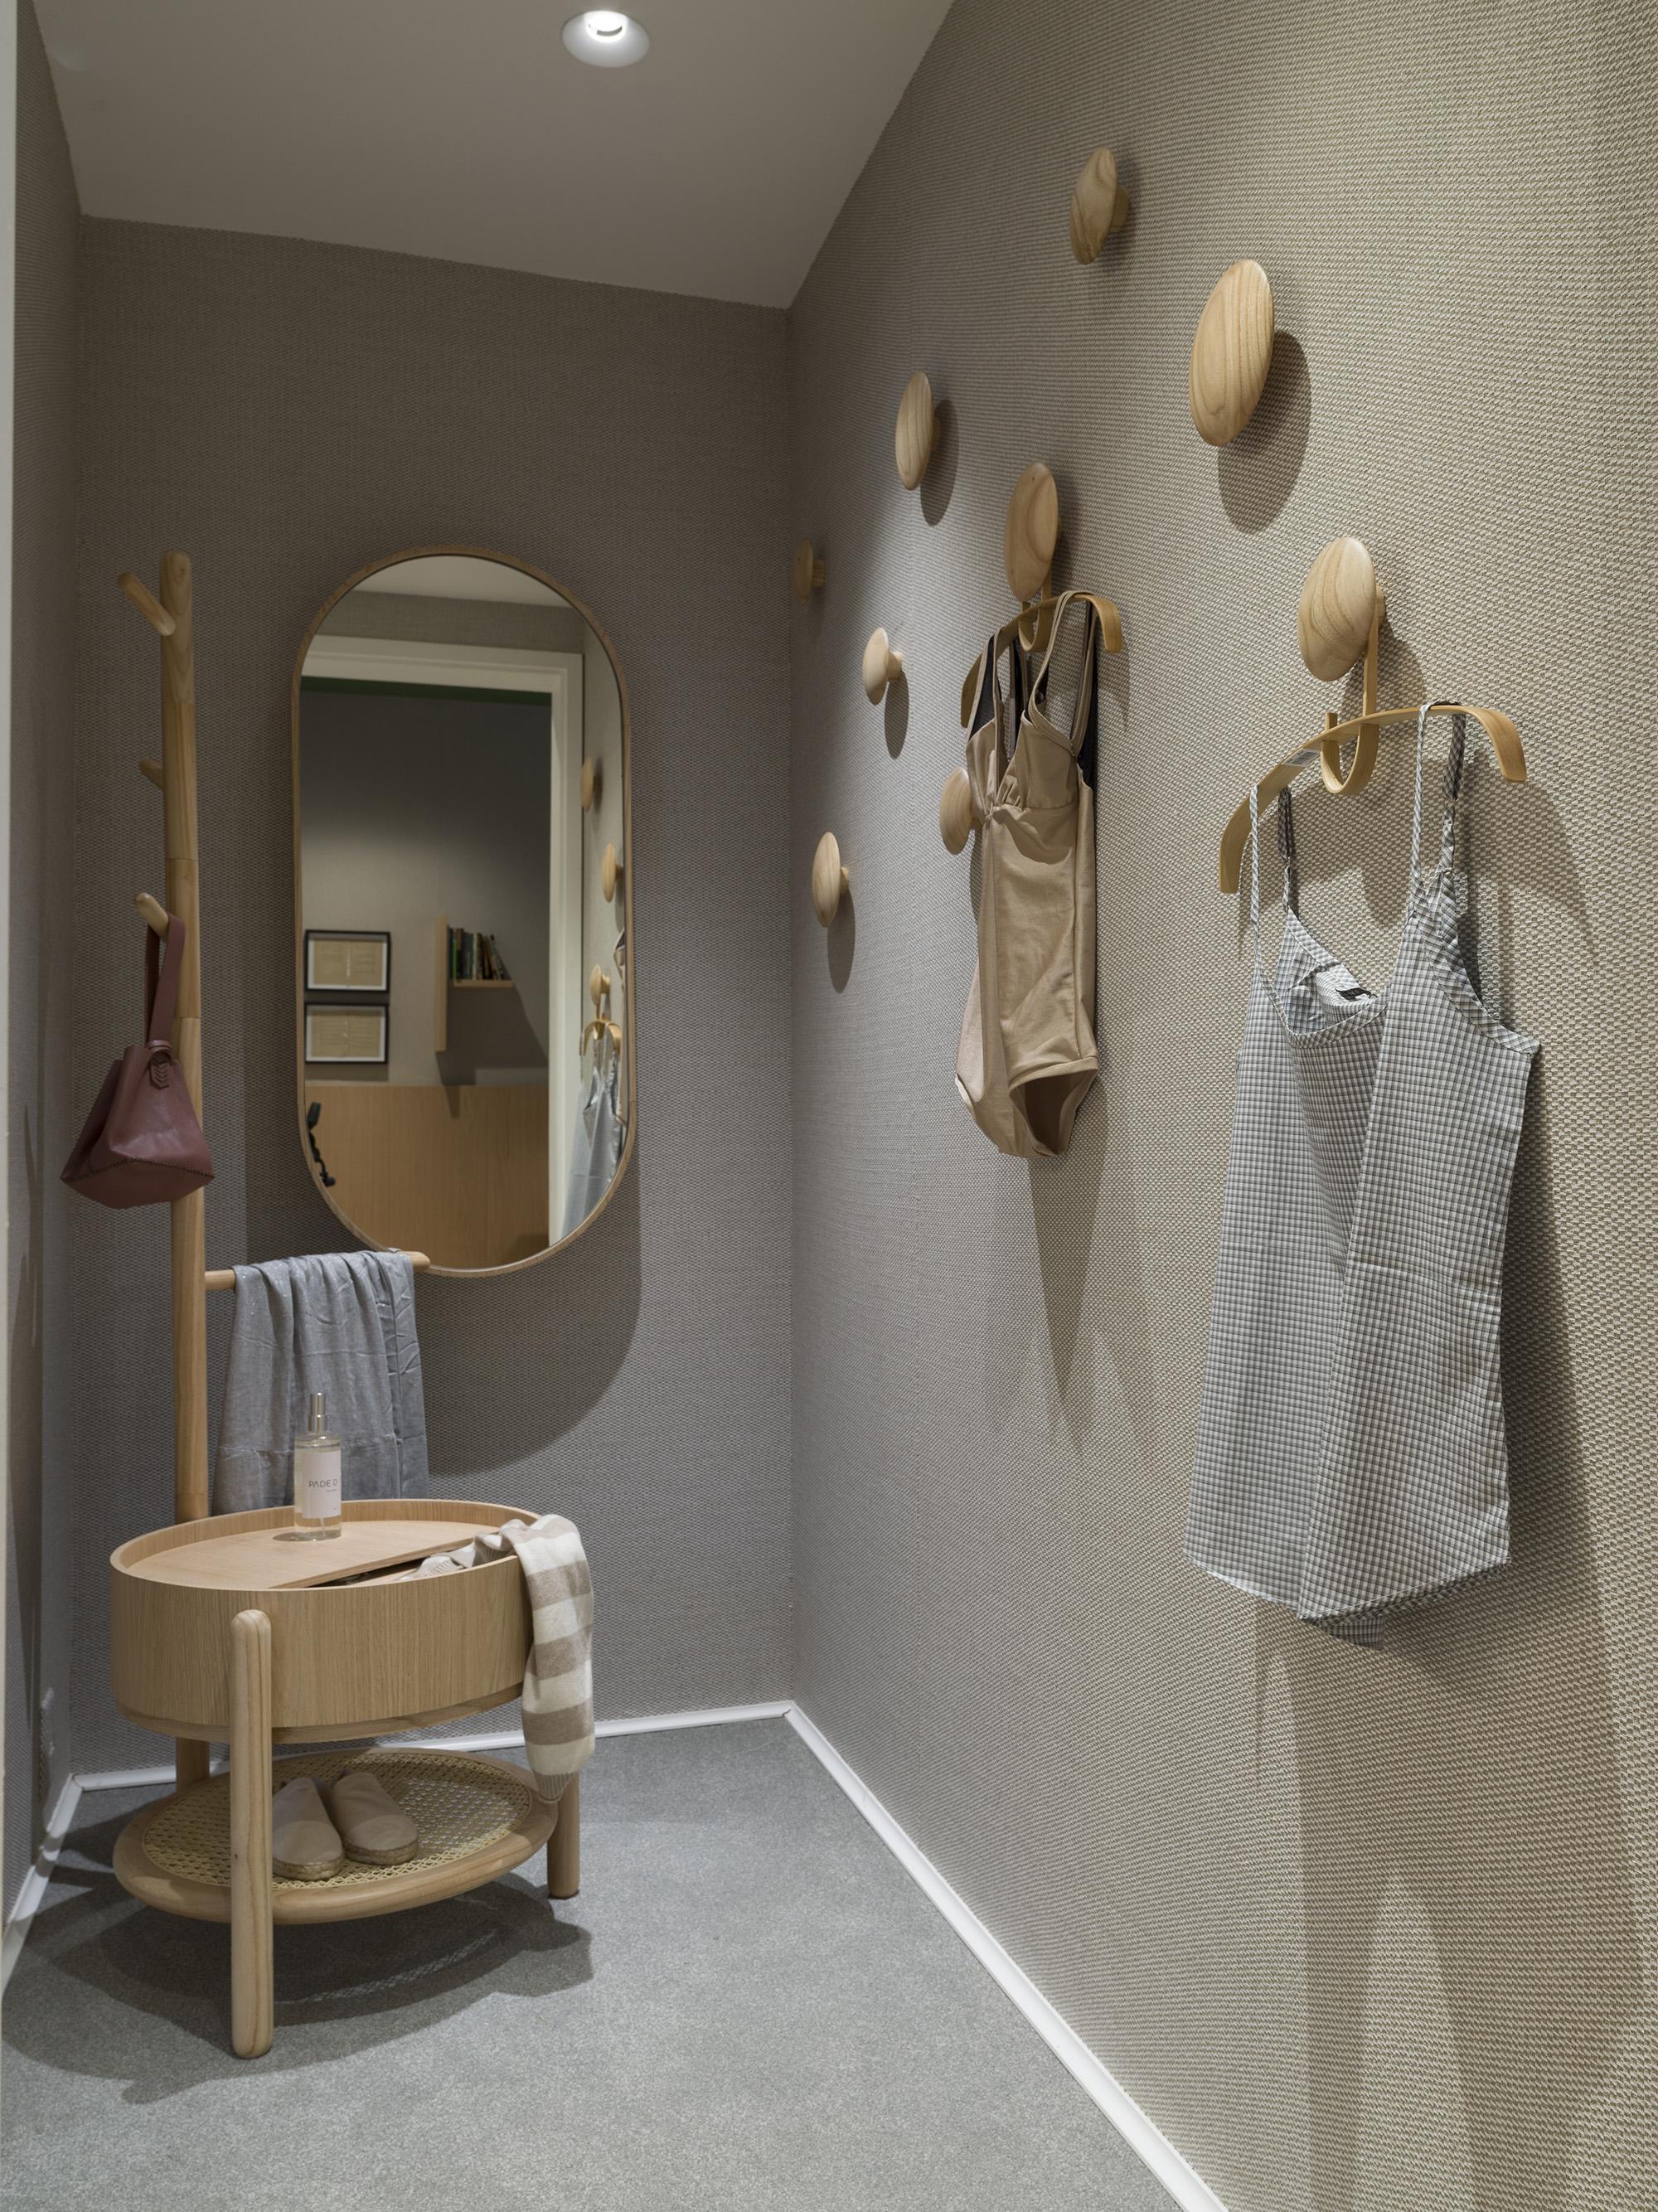 Mostra Casapronta SP 2018